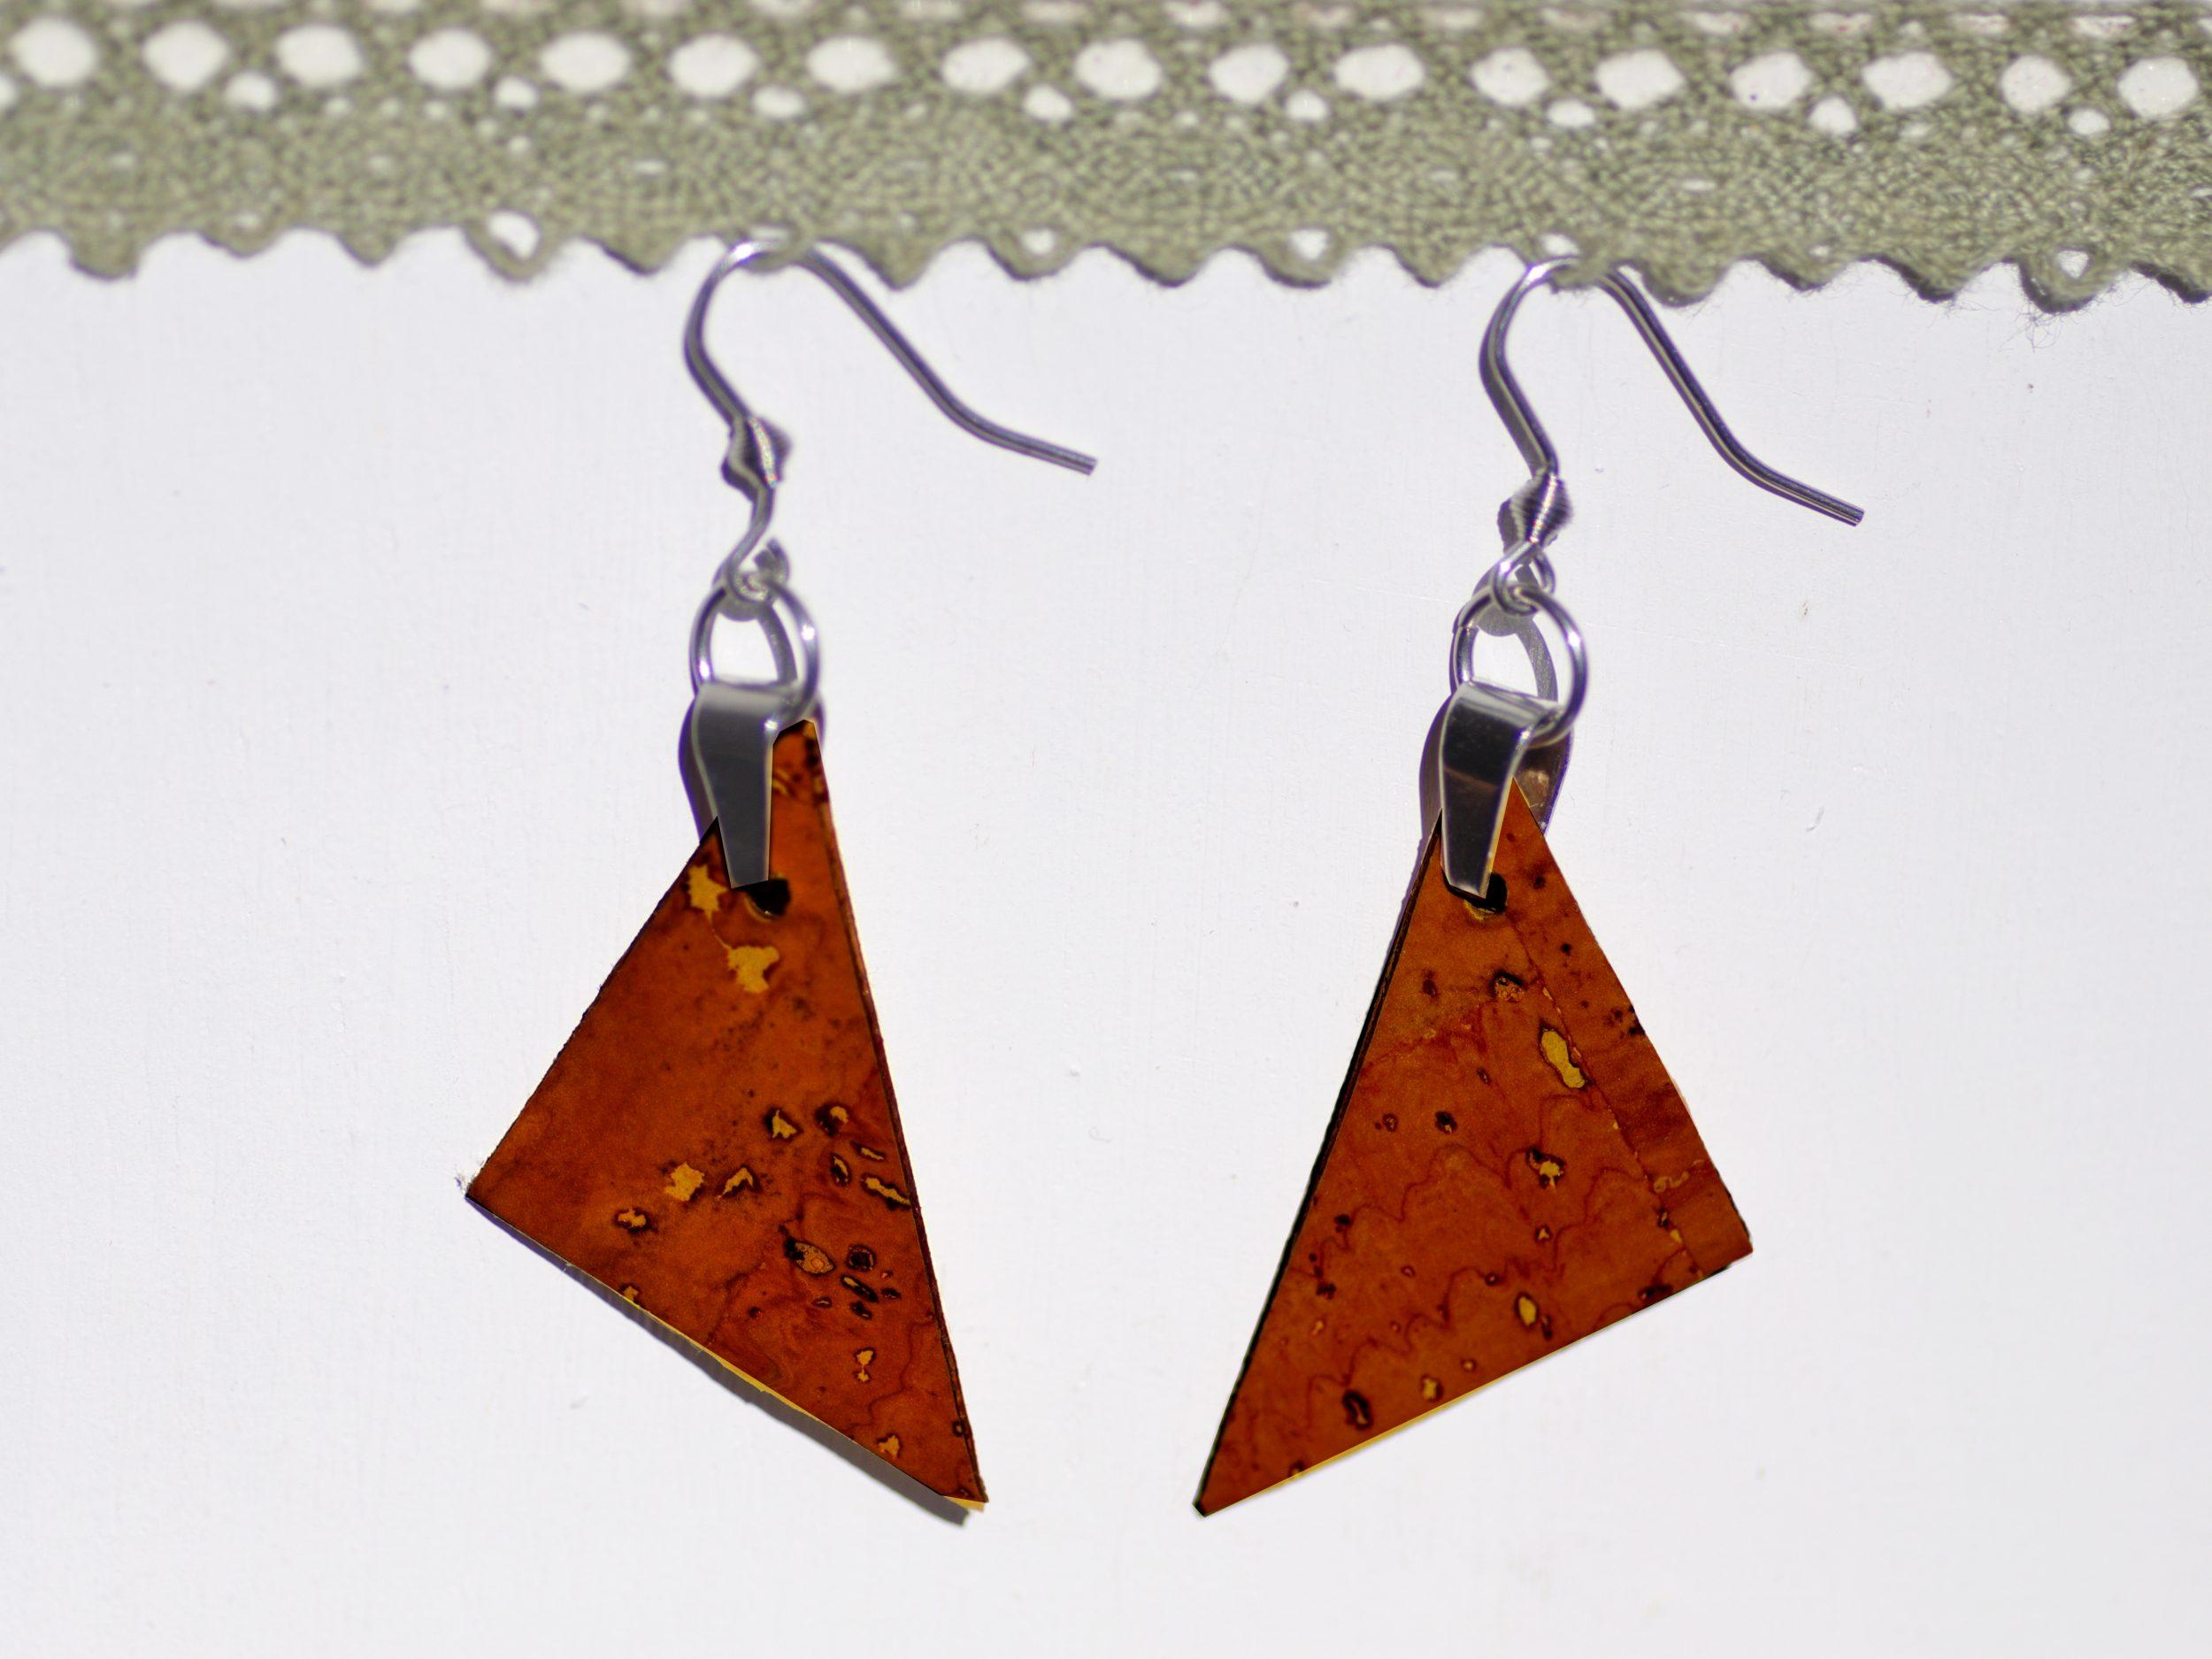 boucles d'oreilles triangulaires en liège marron roux, style épuré